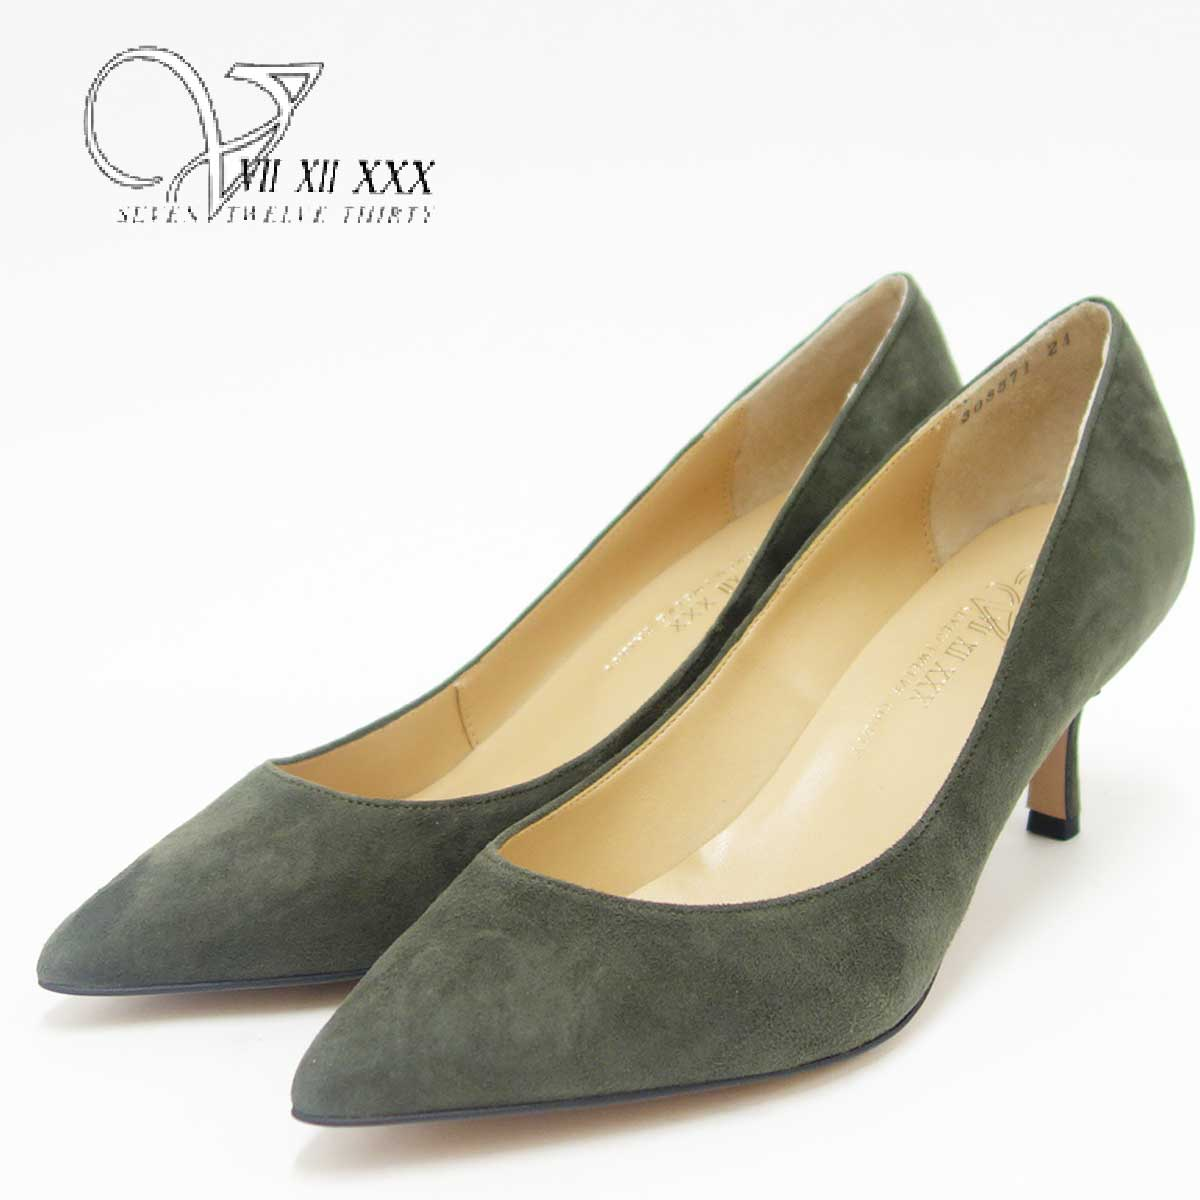 V SEVEN TWELVE THIRTY ヴイセヴントゥエルヴサーティ 308671 カーキスエード (6cmヒール)カラーシルキーポインテッドトゥパンプス(日本製)「靴」